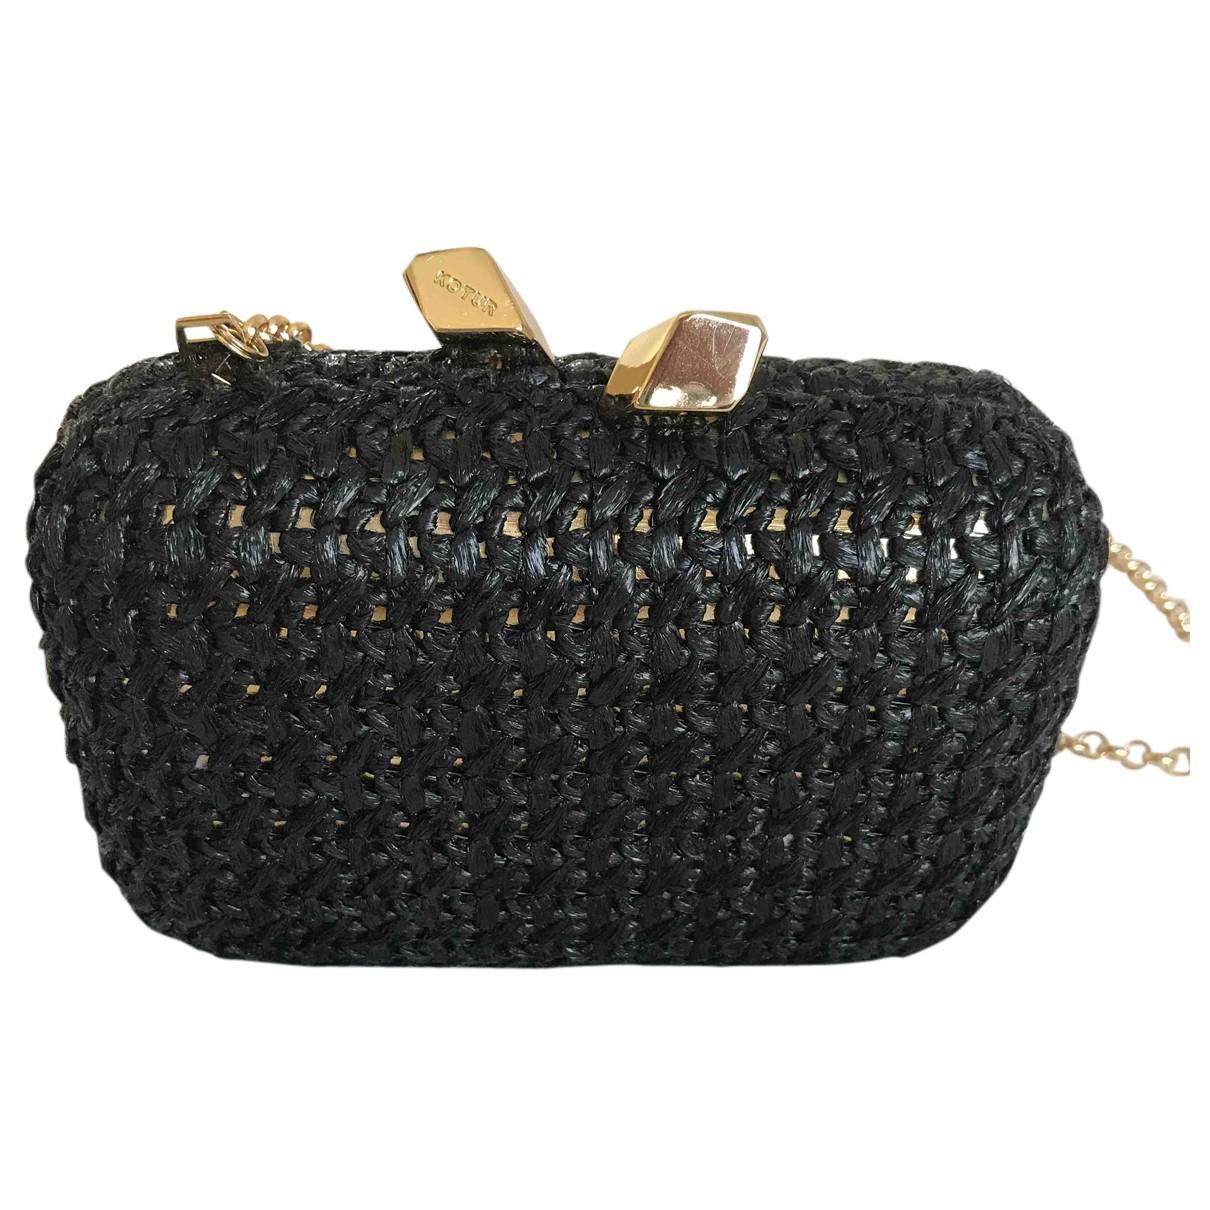 Kotur N Black Clutch bag for Women N